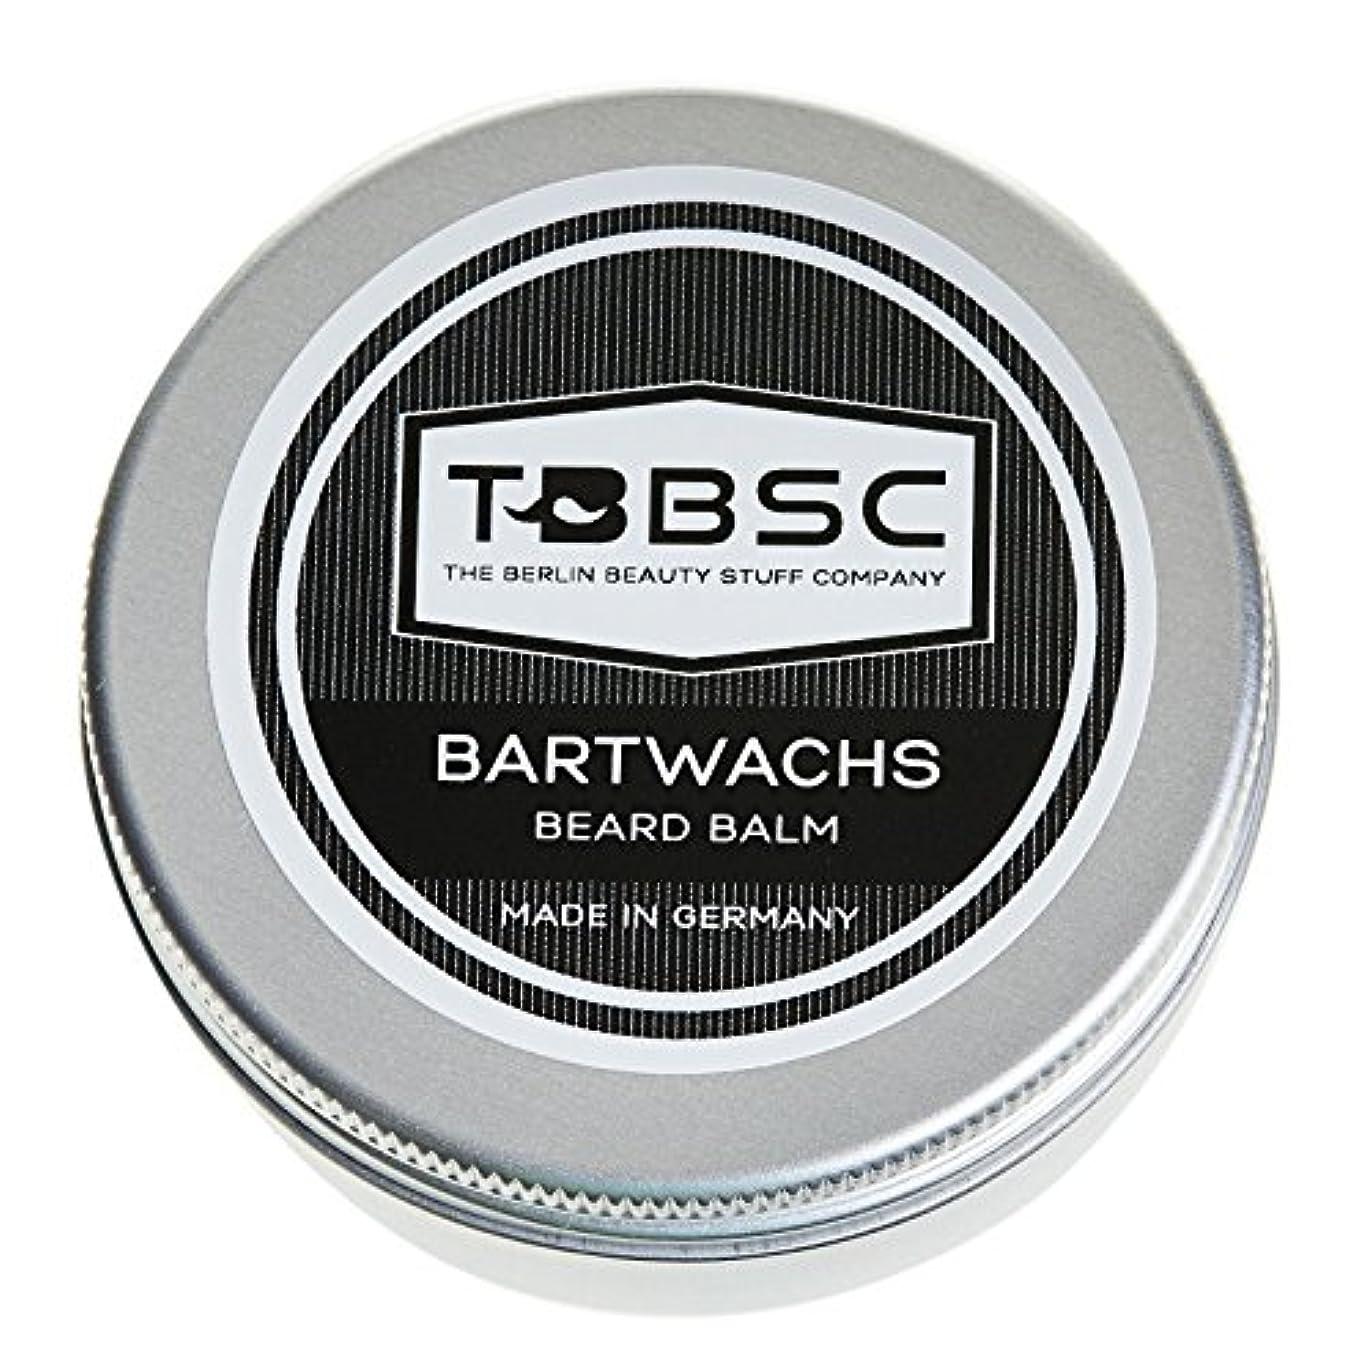 パンフレットヒギンズ鎮静剤TBBSCビアードワックス60gドイツ製ケア+スタイリングのためのひげバーム